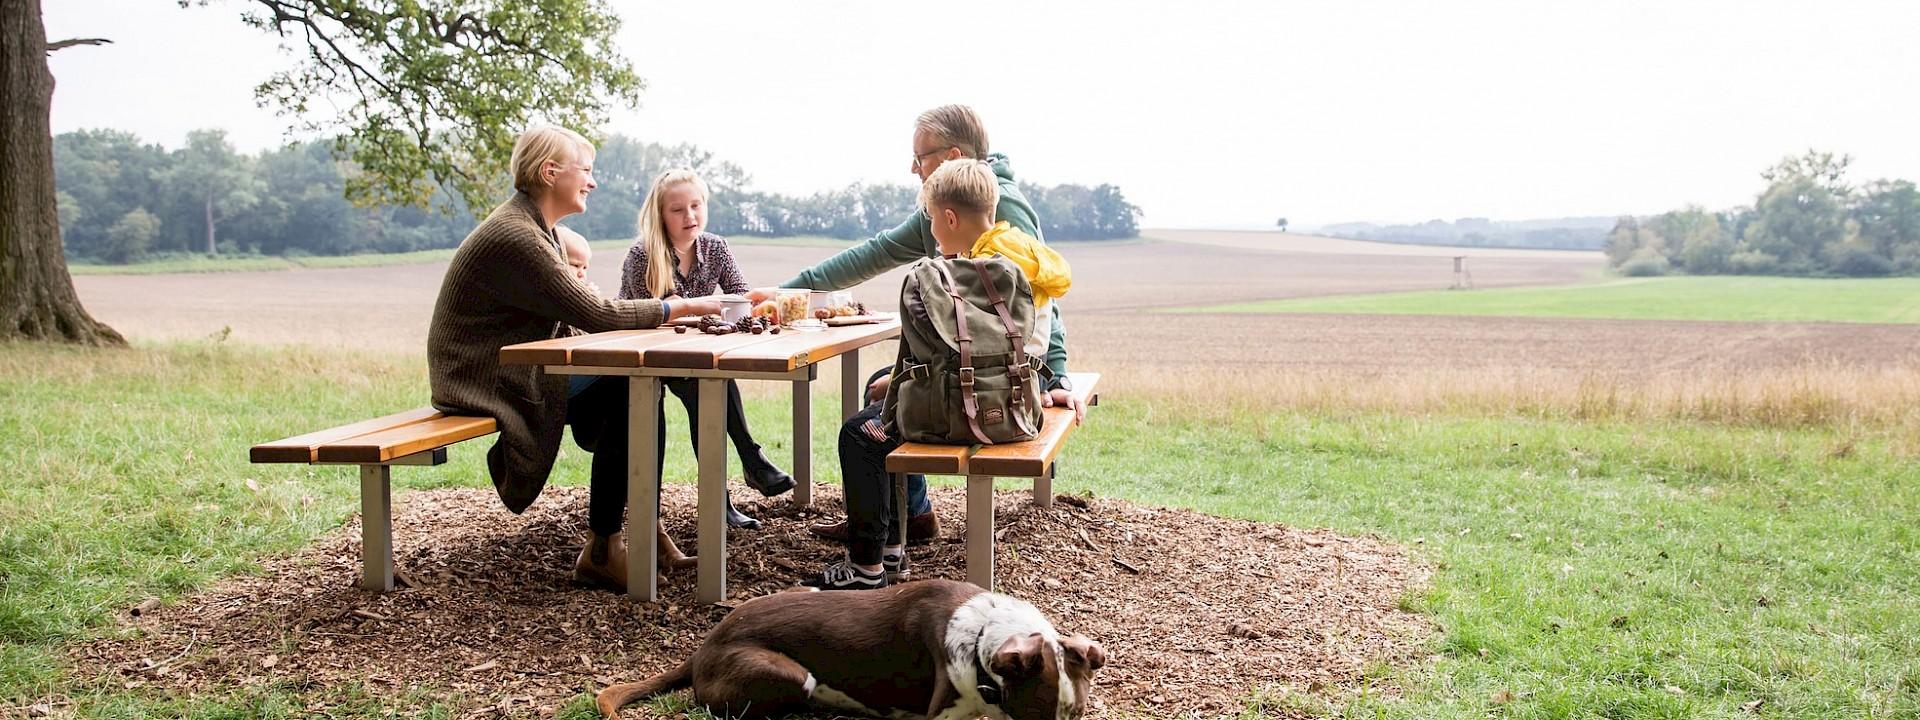 Rast an der alten Eiche Picknickplatz Ichterloh